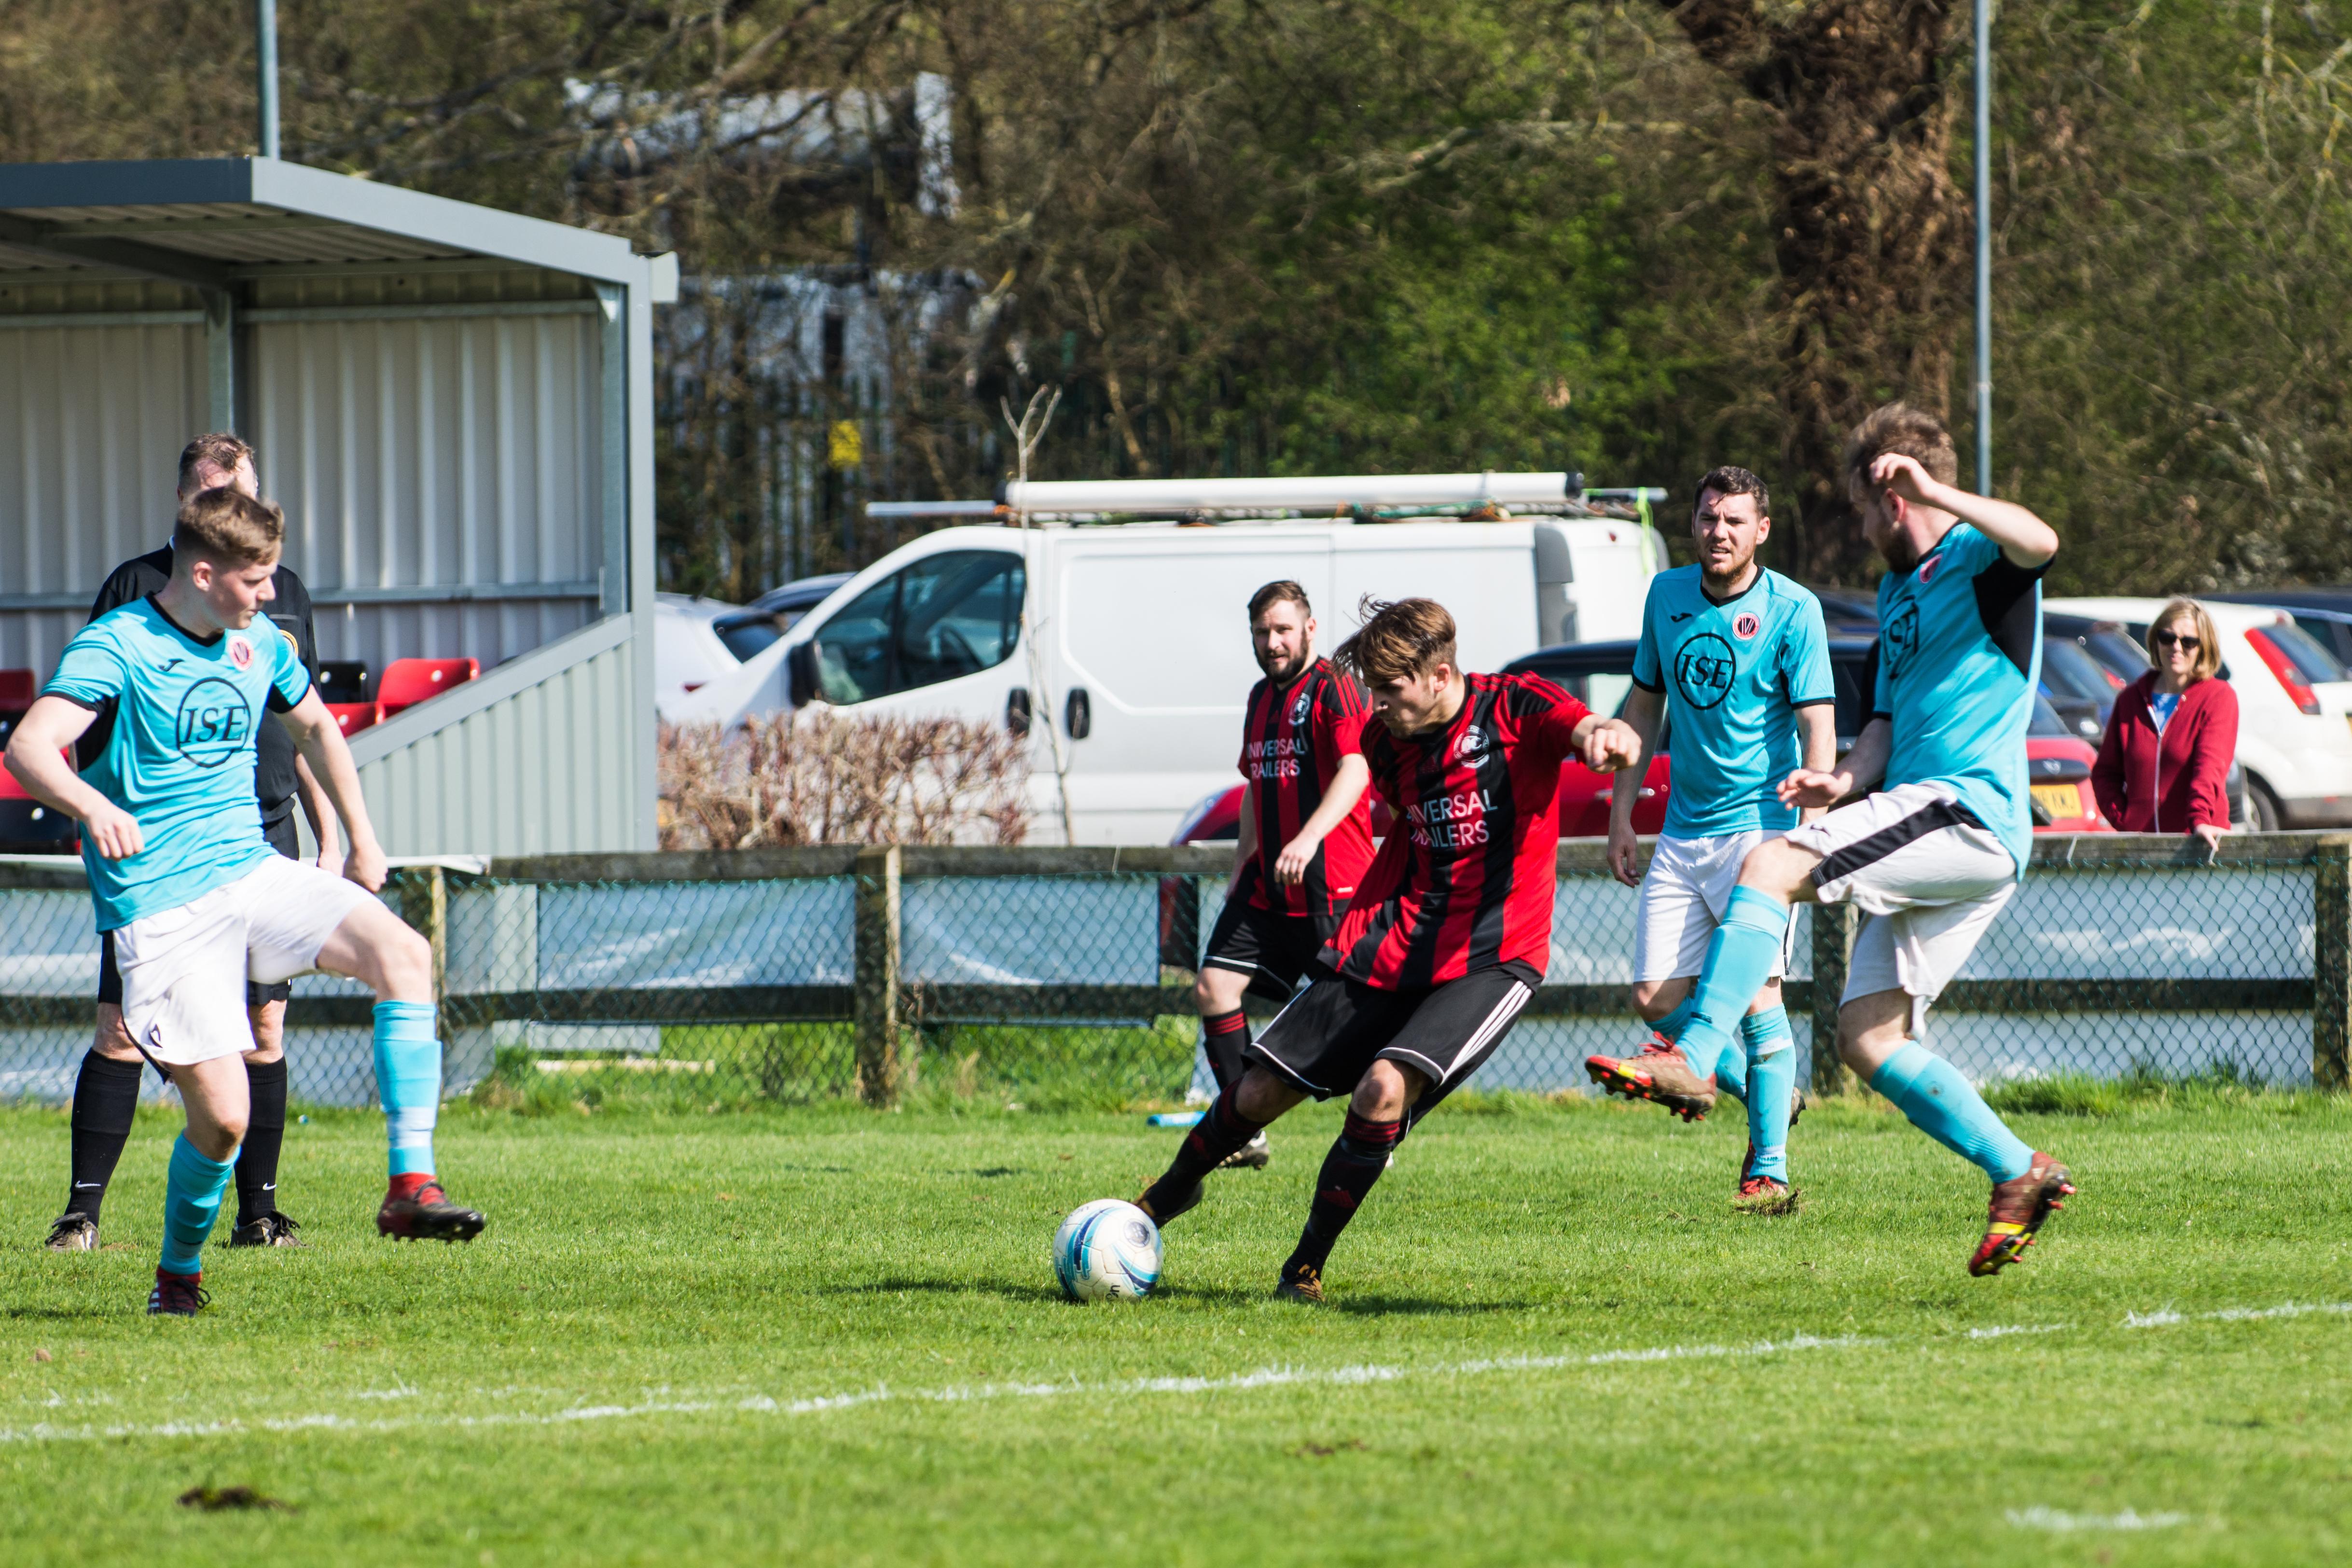 DAVID_JEFFERY Billingshurst FC vs AFC Varndeanians 14.04.18 50